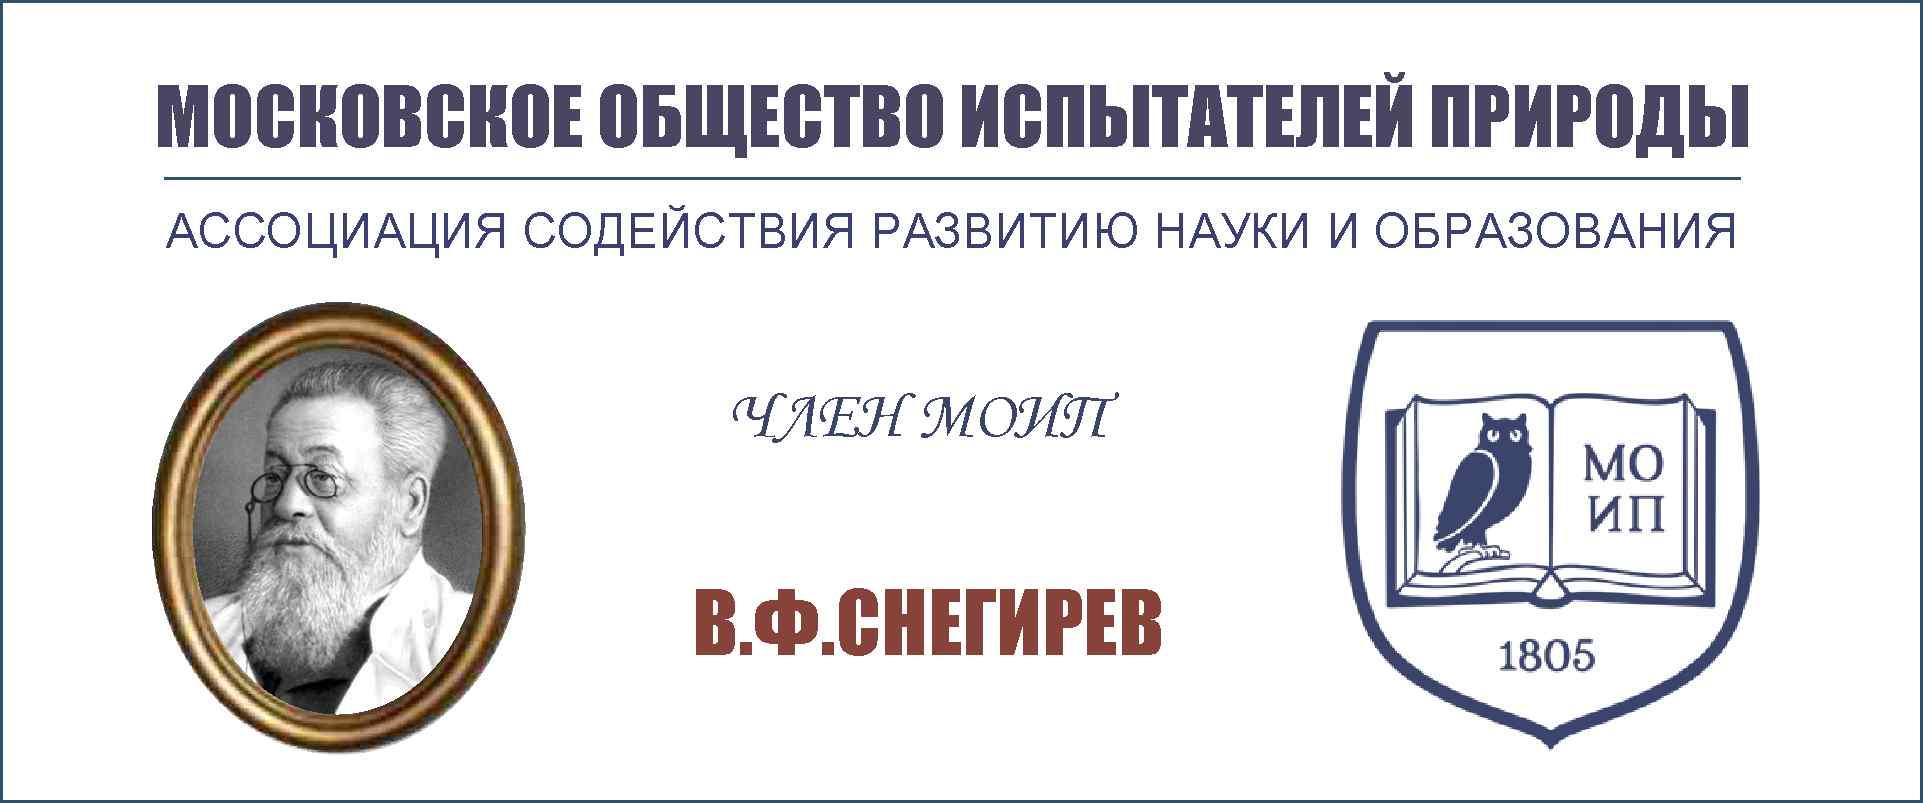 ВРАЧ В.Ф.СНЕГИРЕВ – член МОИП